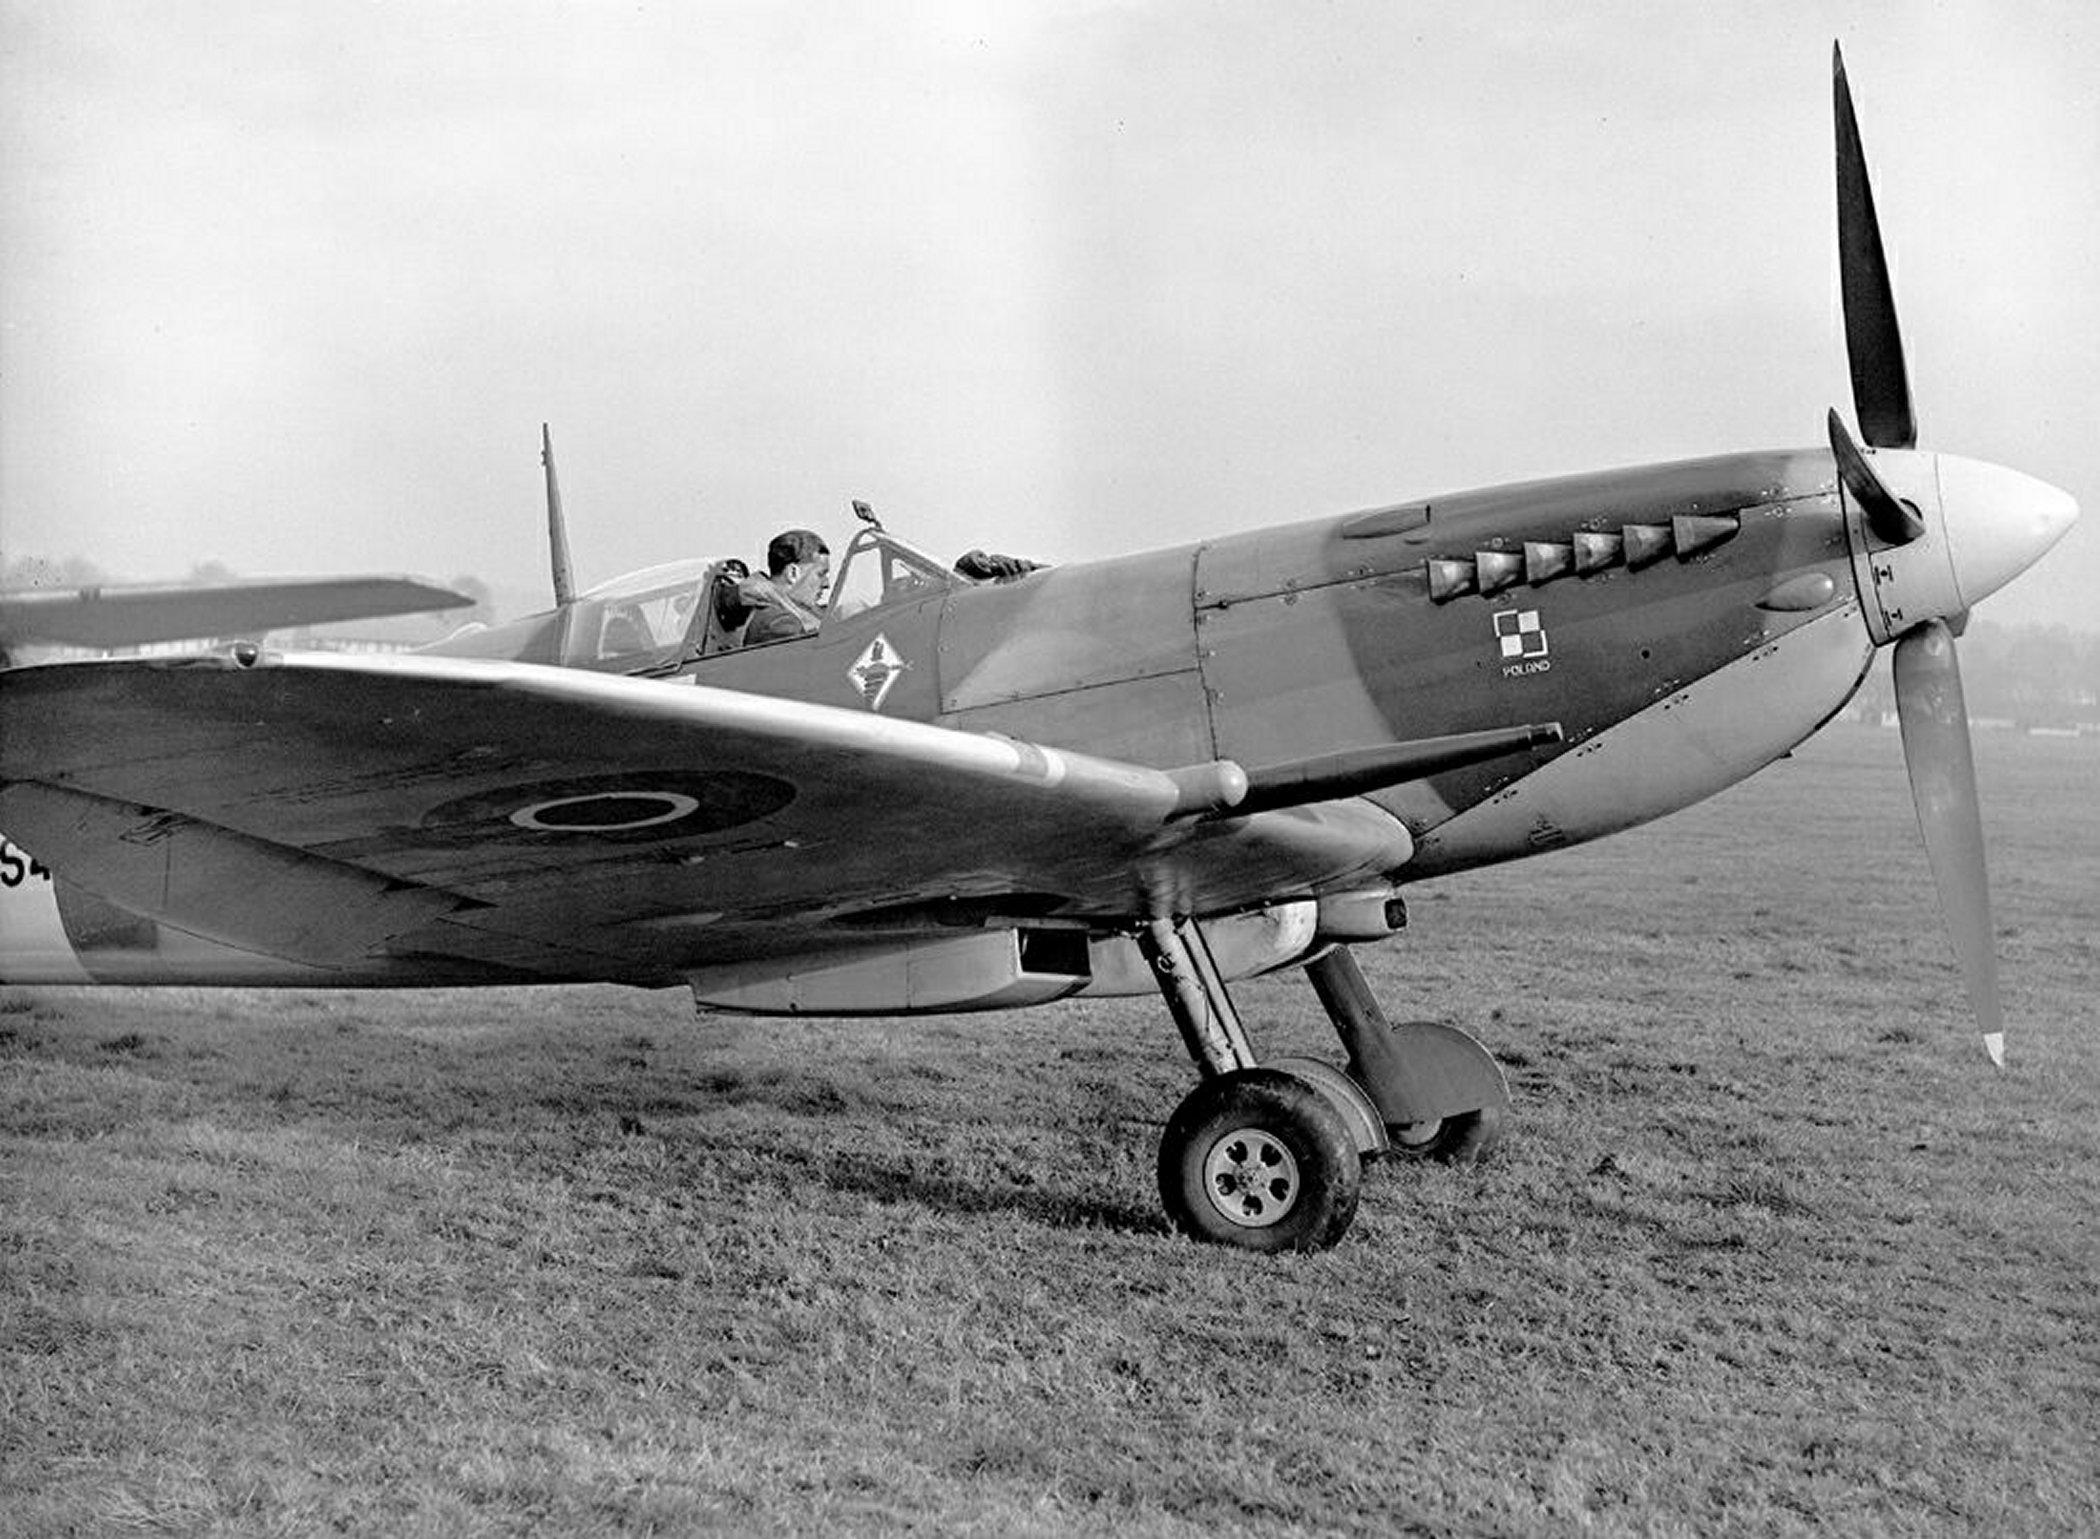 Spitfire MkIXc RAF 306Sqn UZZ Joseph Zulikowskiego BS456 Northolt England Nov 16 1942 04